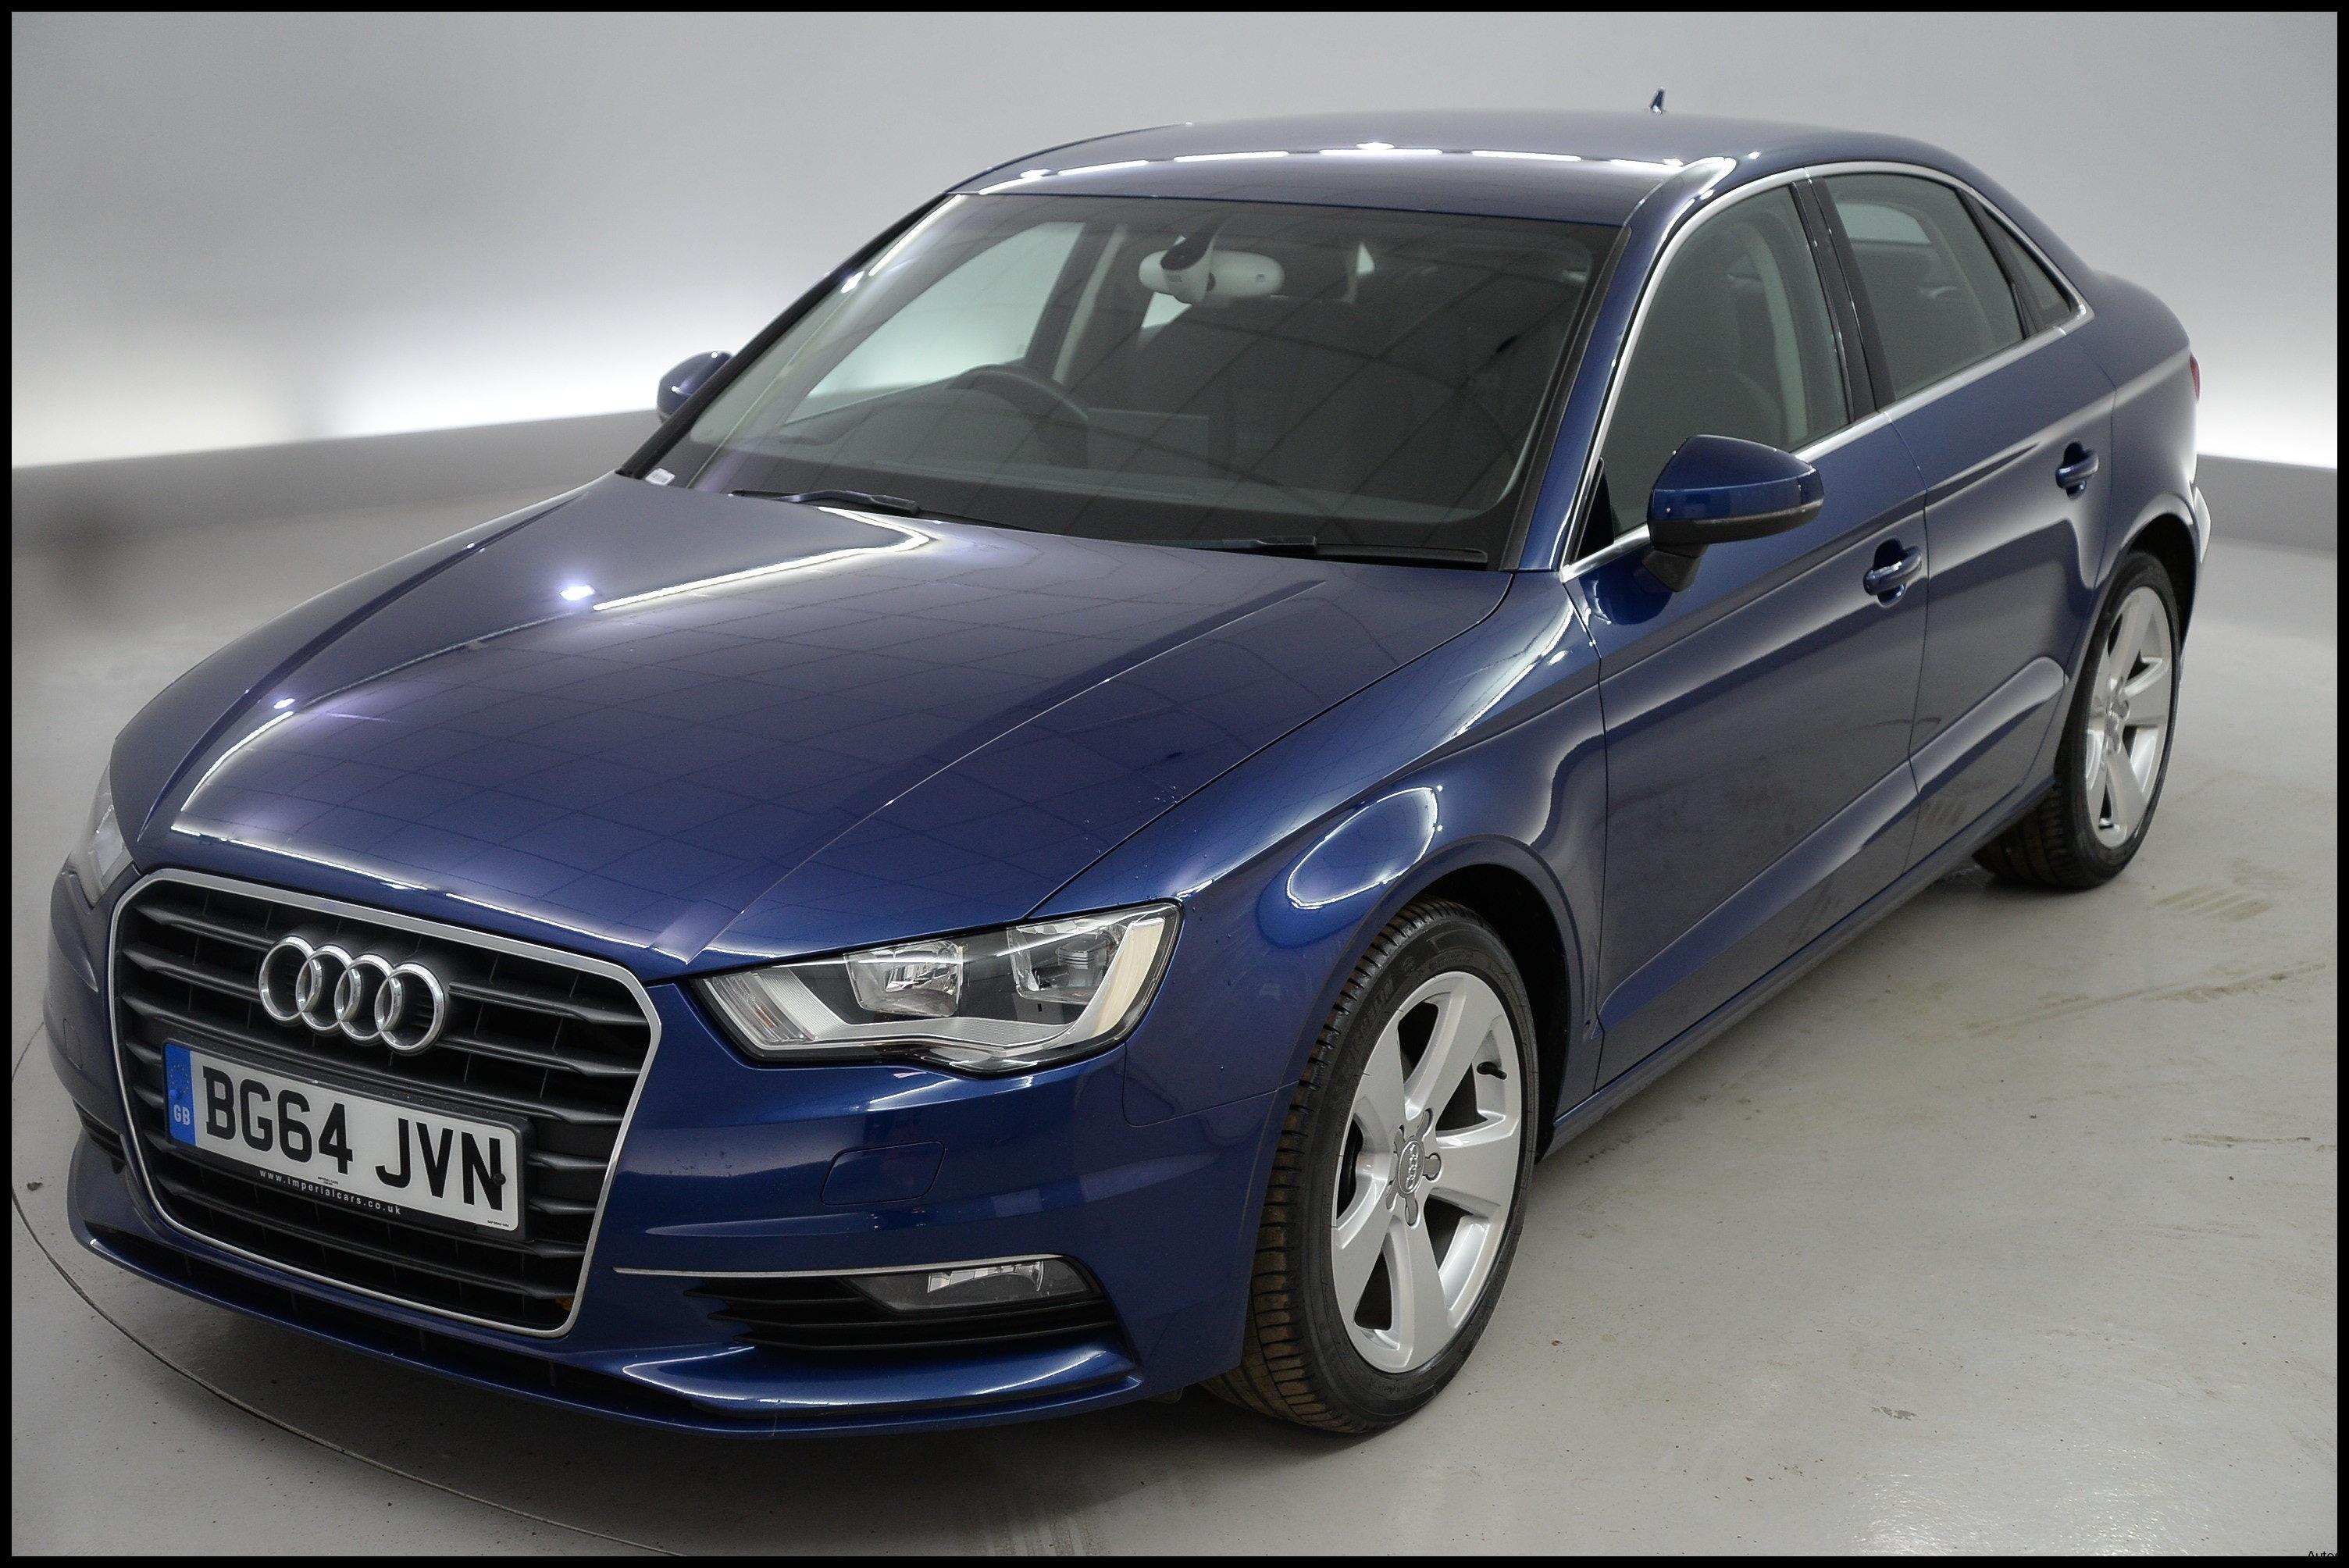 Elegant Audi Dealerships In Ohio Latest Dream Cars